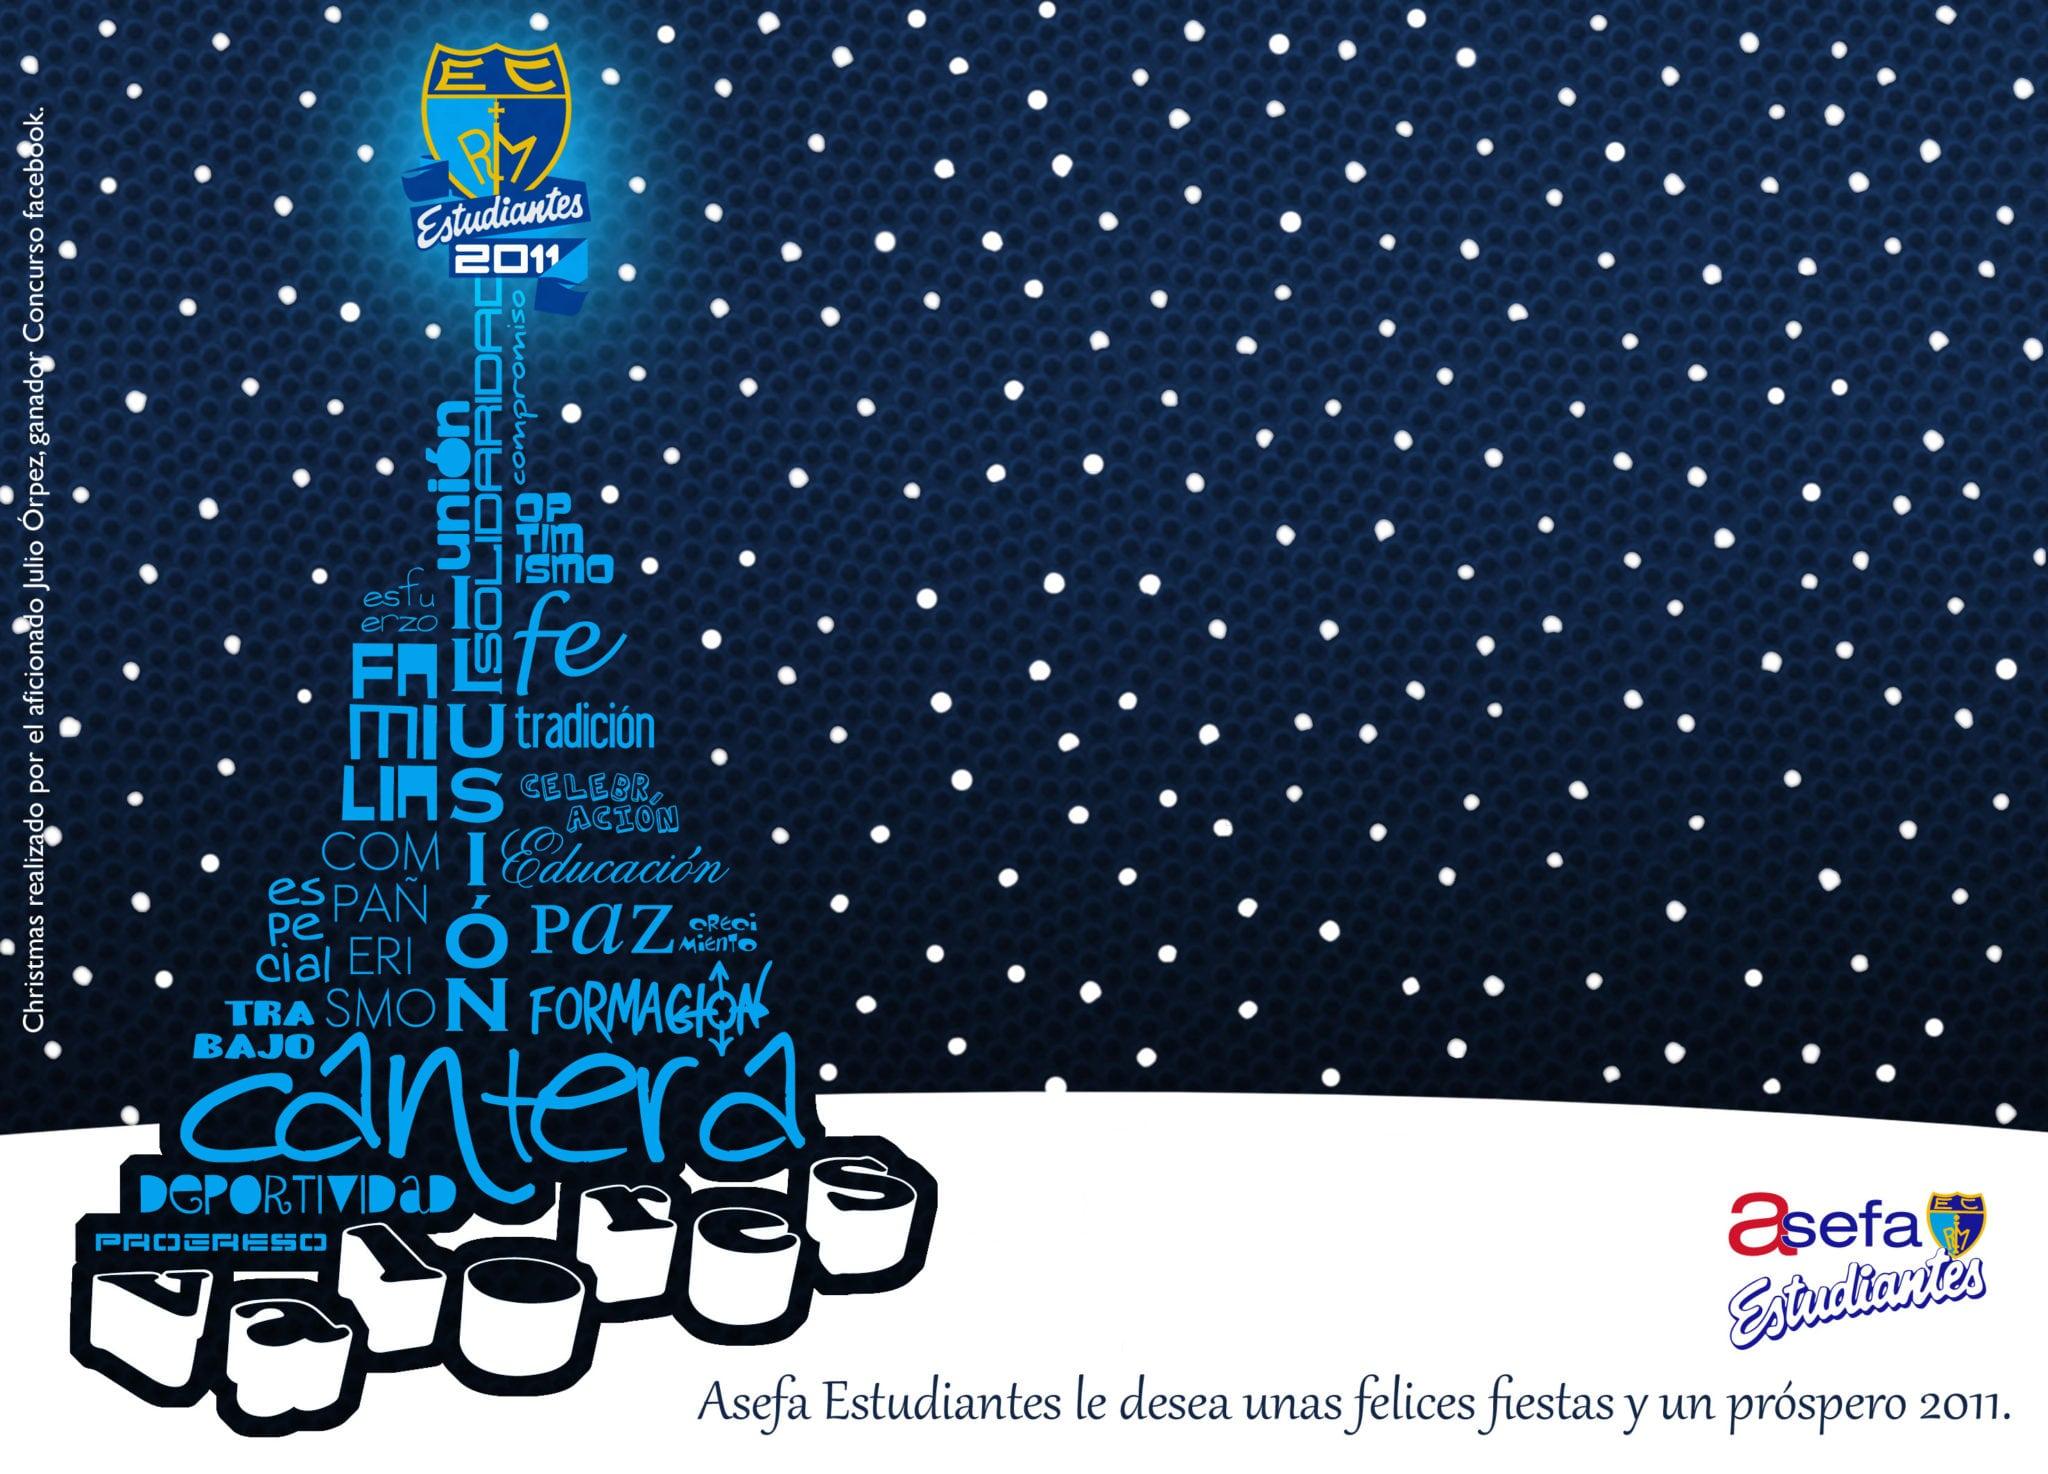 Diseña el christmas oficial de Asefa Estudiantes y llévate la camiseta